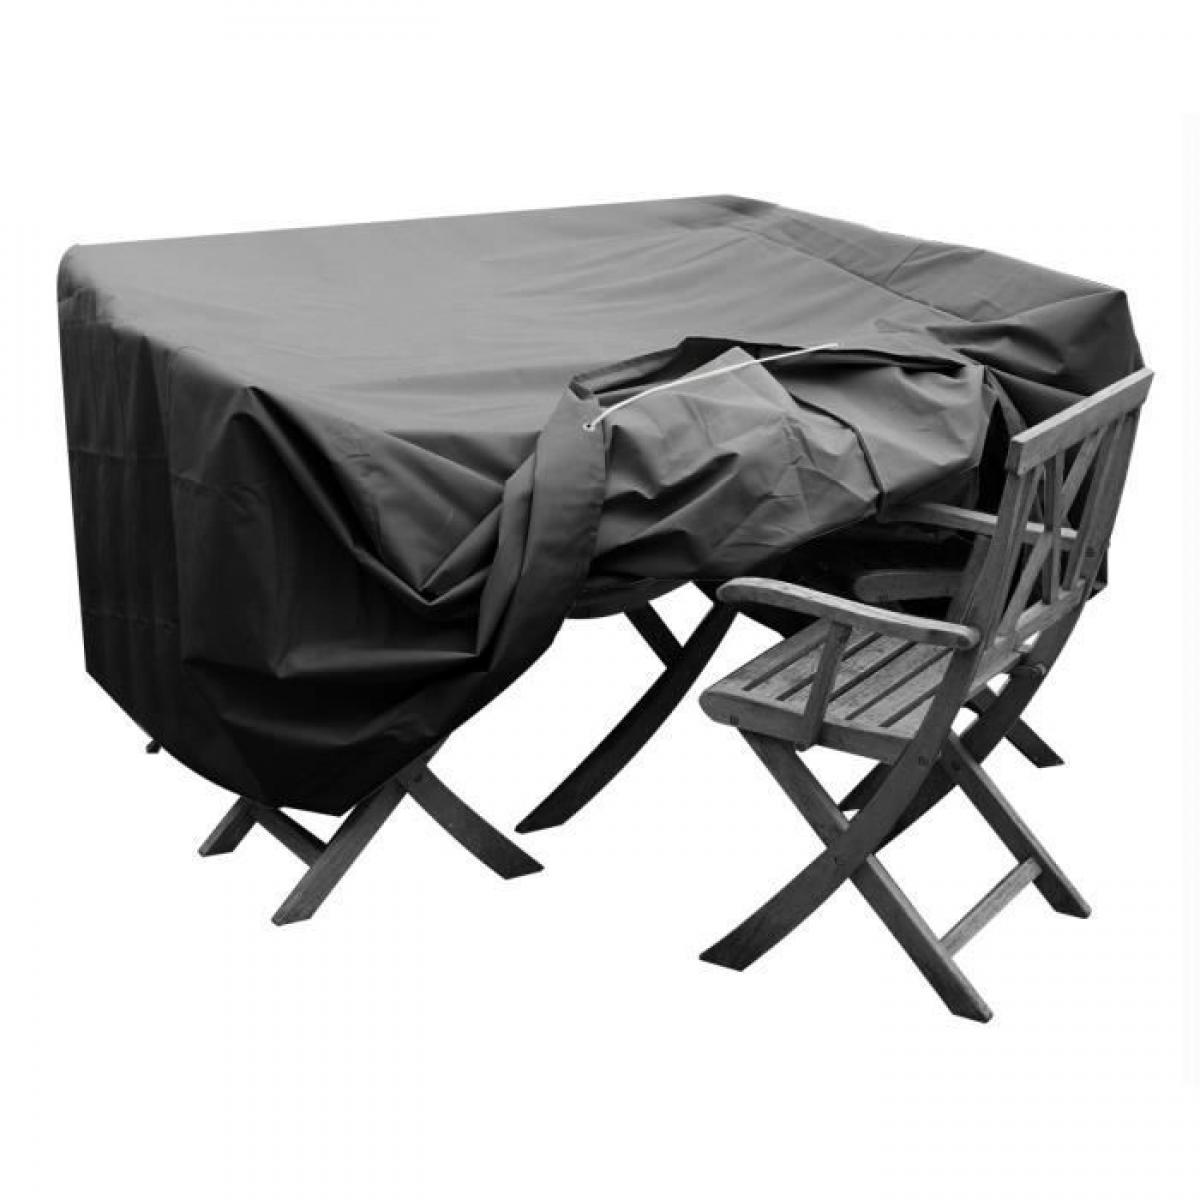 Green Club GREEN CLUB Housse de protection pour salon de jardin table + 4 chaises - 124x124x65 cm